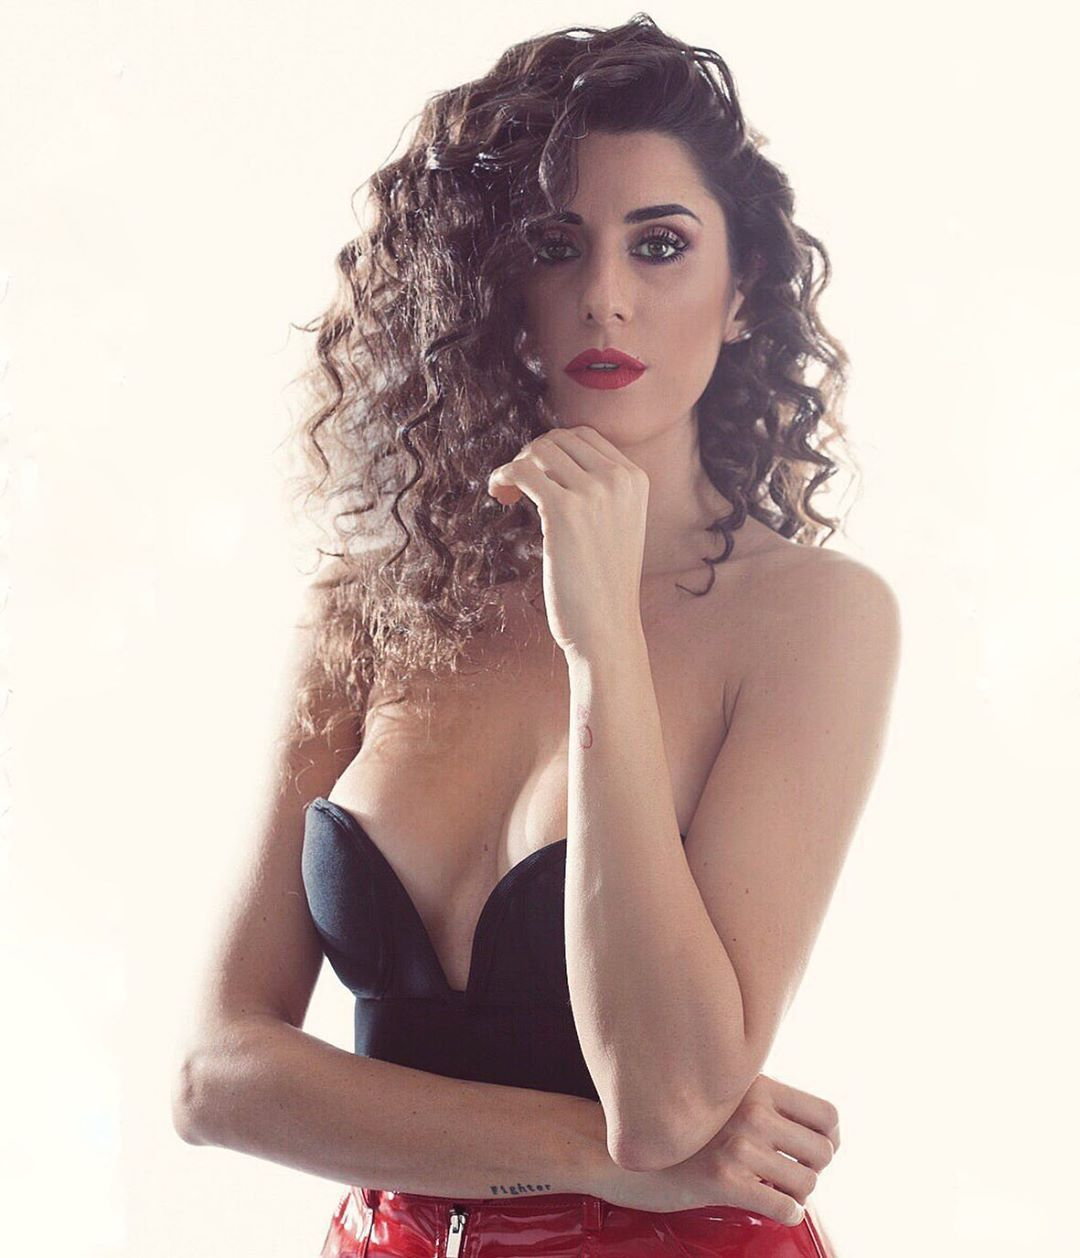 Valentina Vignali, a basquetebolista mais sexy do mundo que deixa muito pouco à imaginação